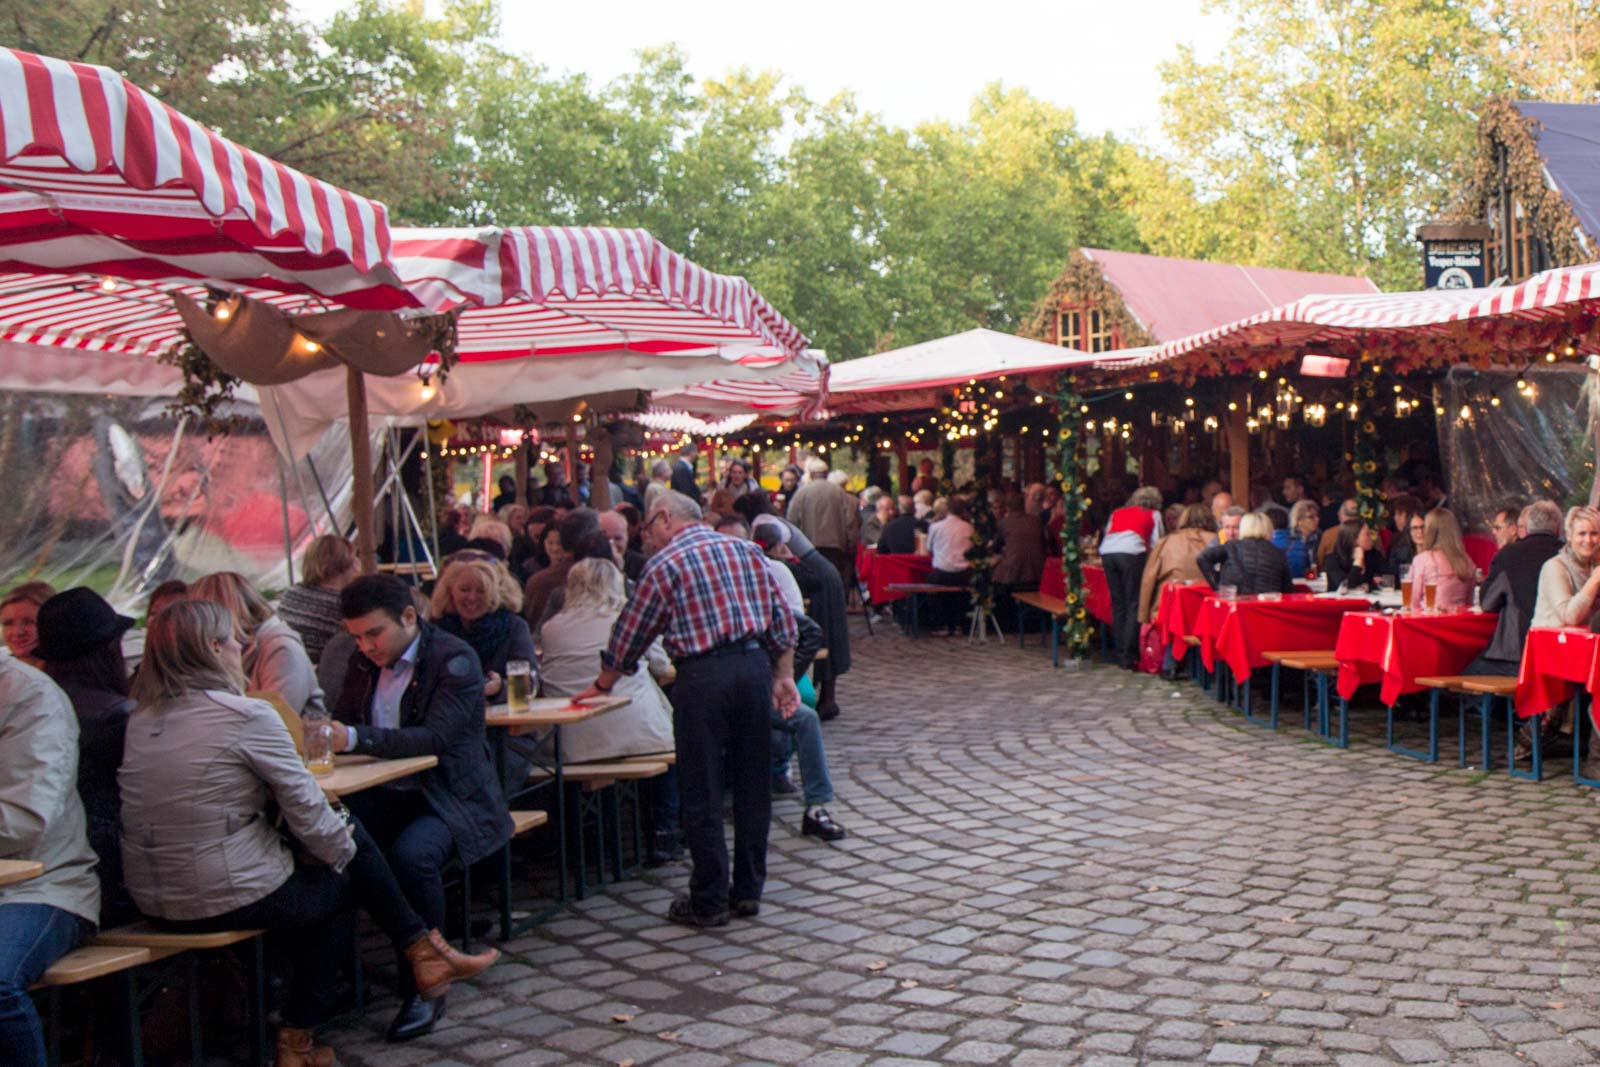 Best food in Nuremberg, Germany